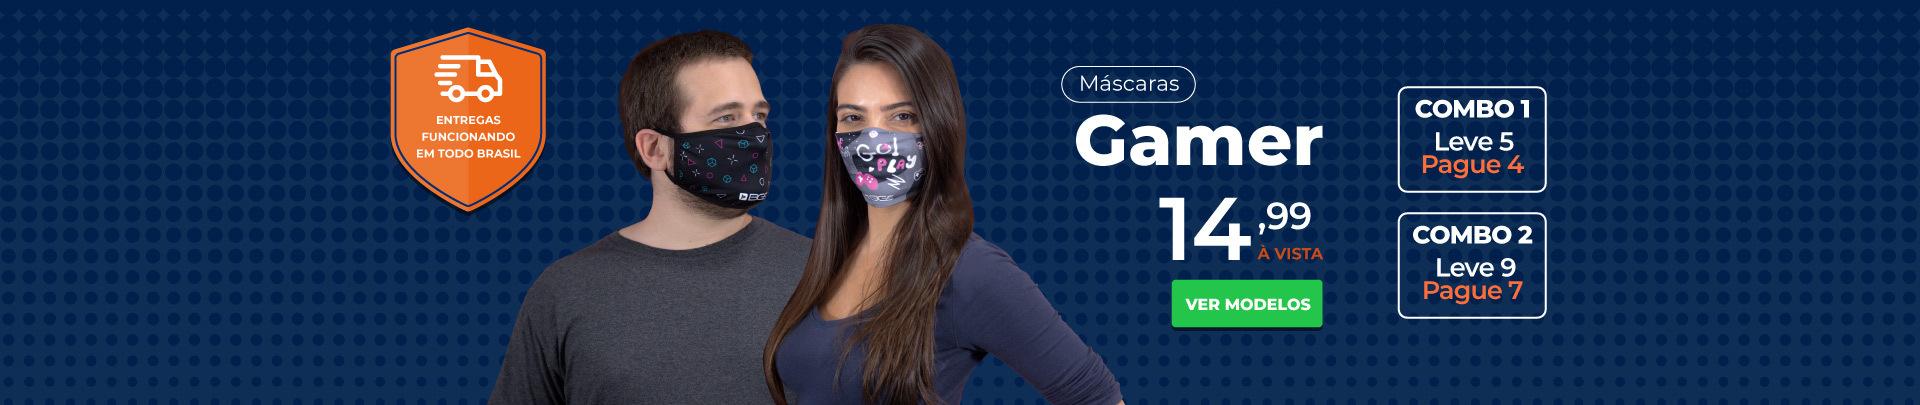 Compre 5 máscaras pague 4